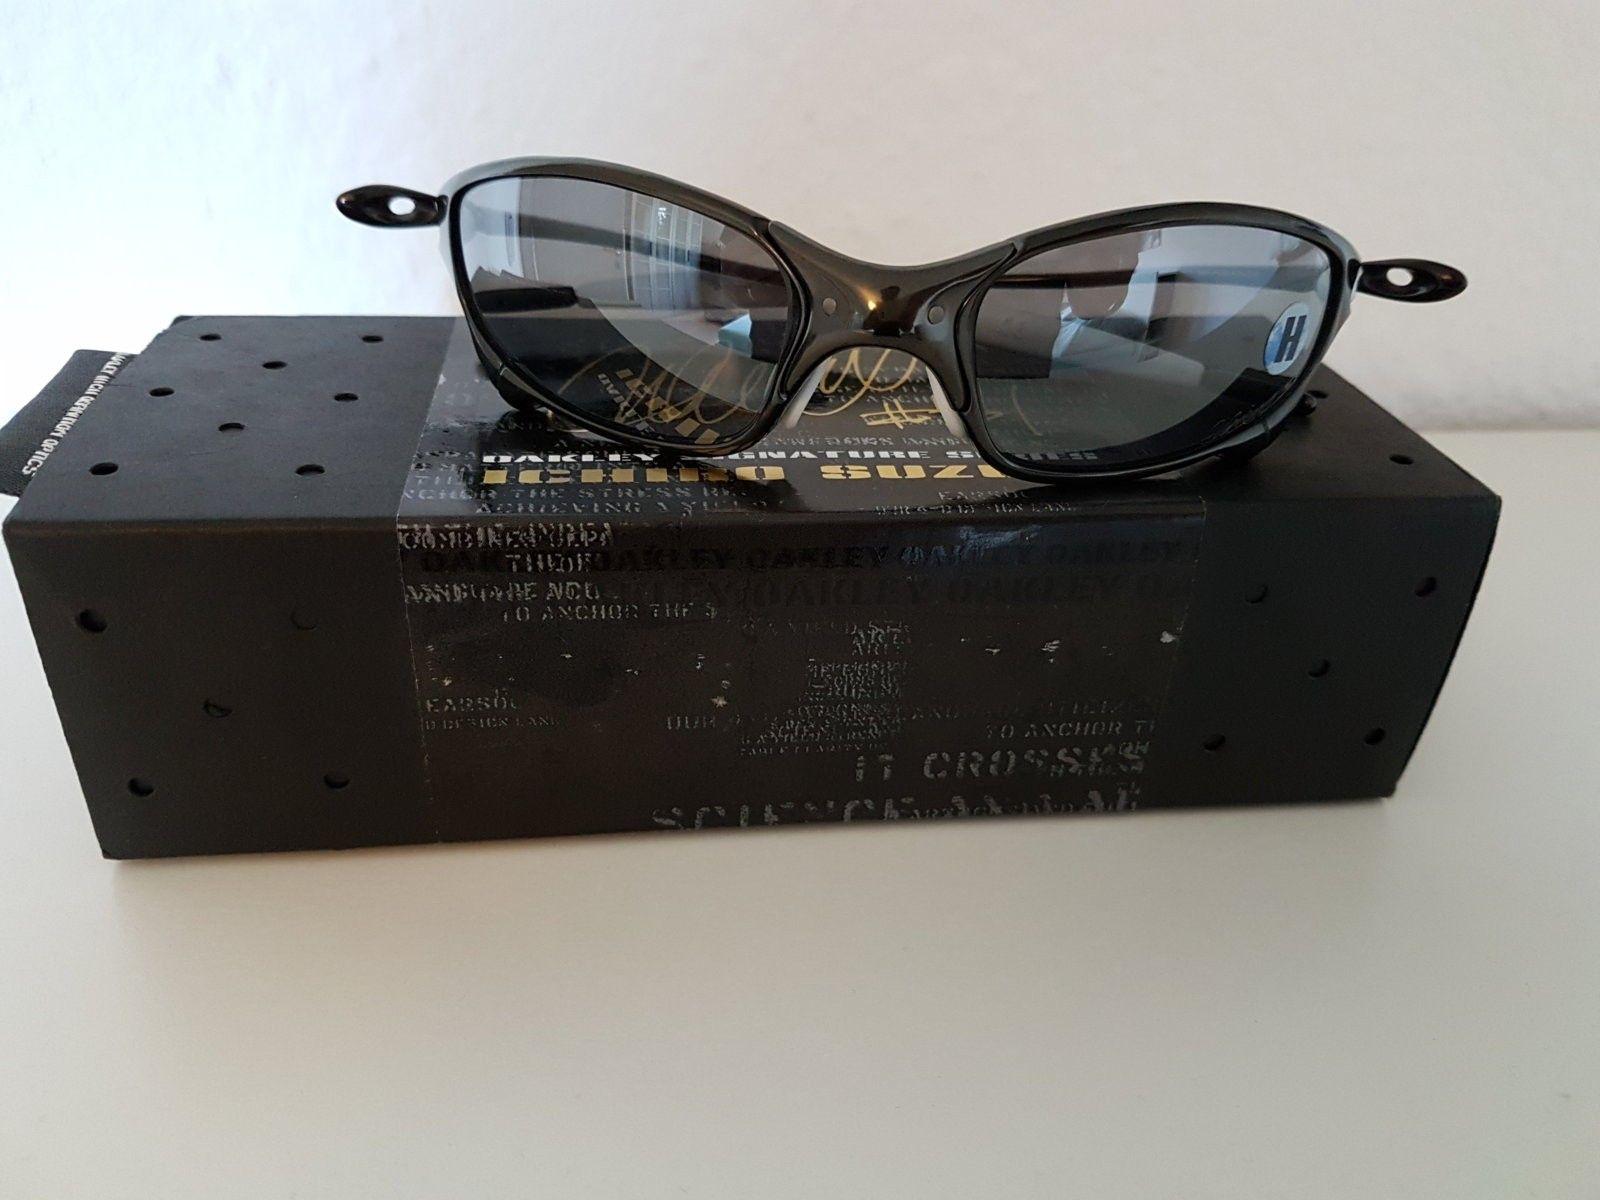 Ichiro Polished Carbon LNIB 1100$ - 20160515_193519.jpg